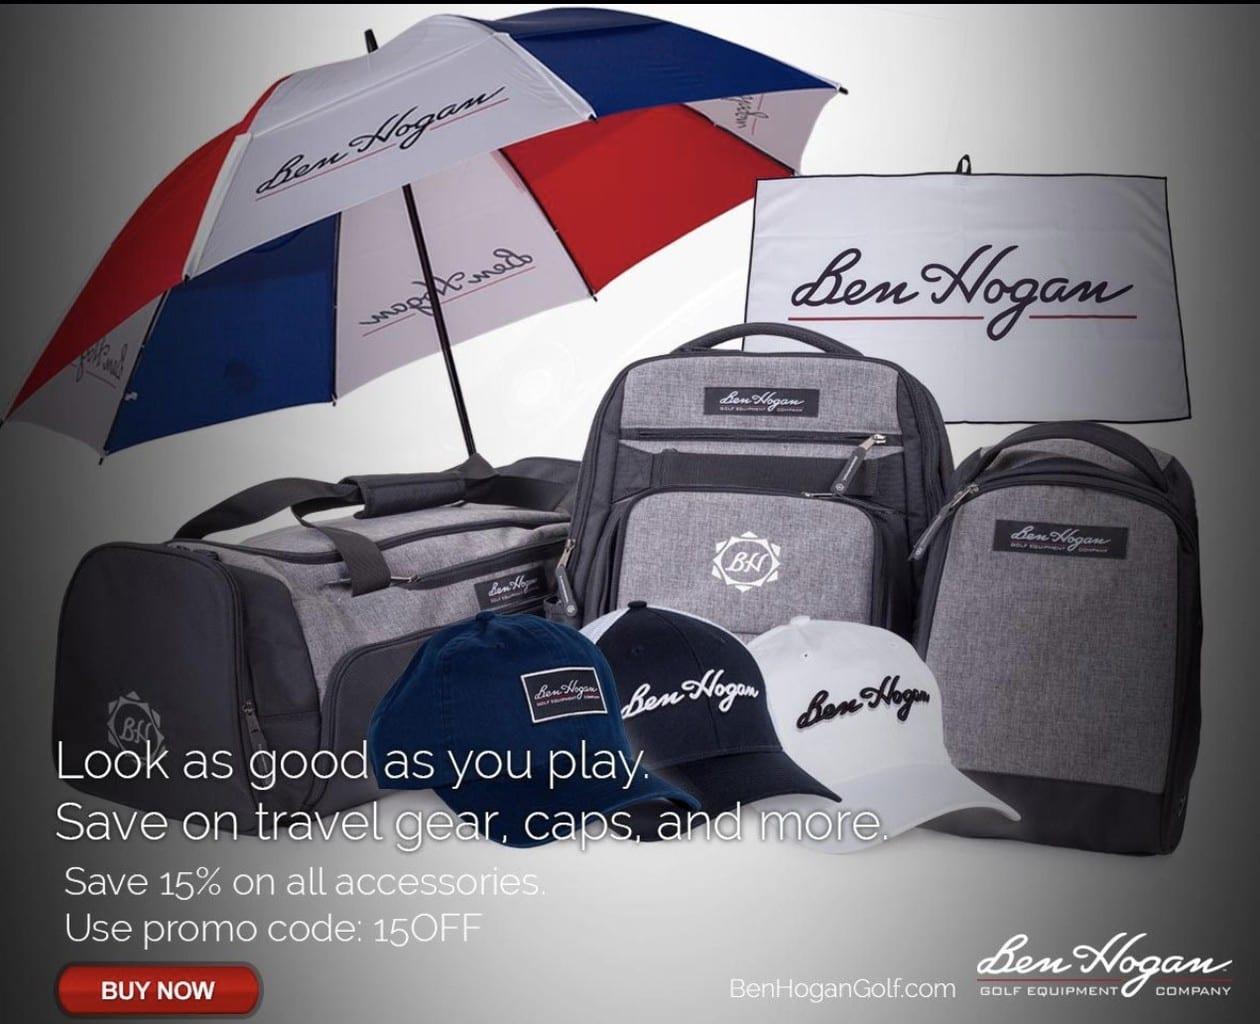 Ben Hogan Golf Bags, Hats, & Accessories August